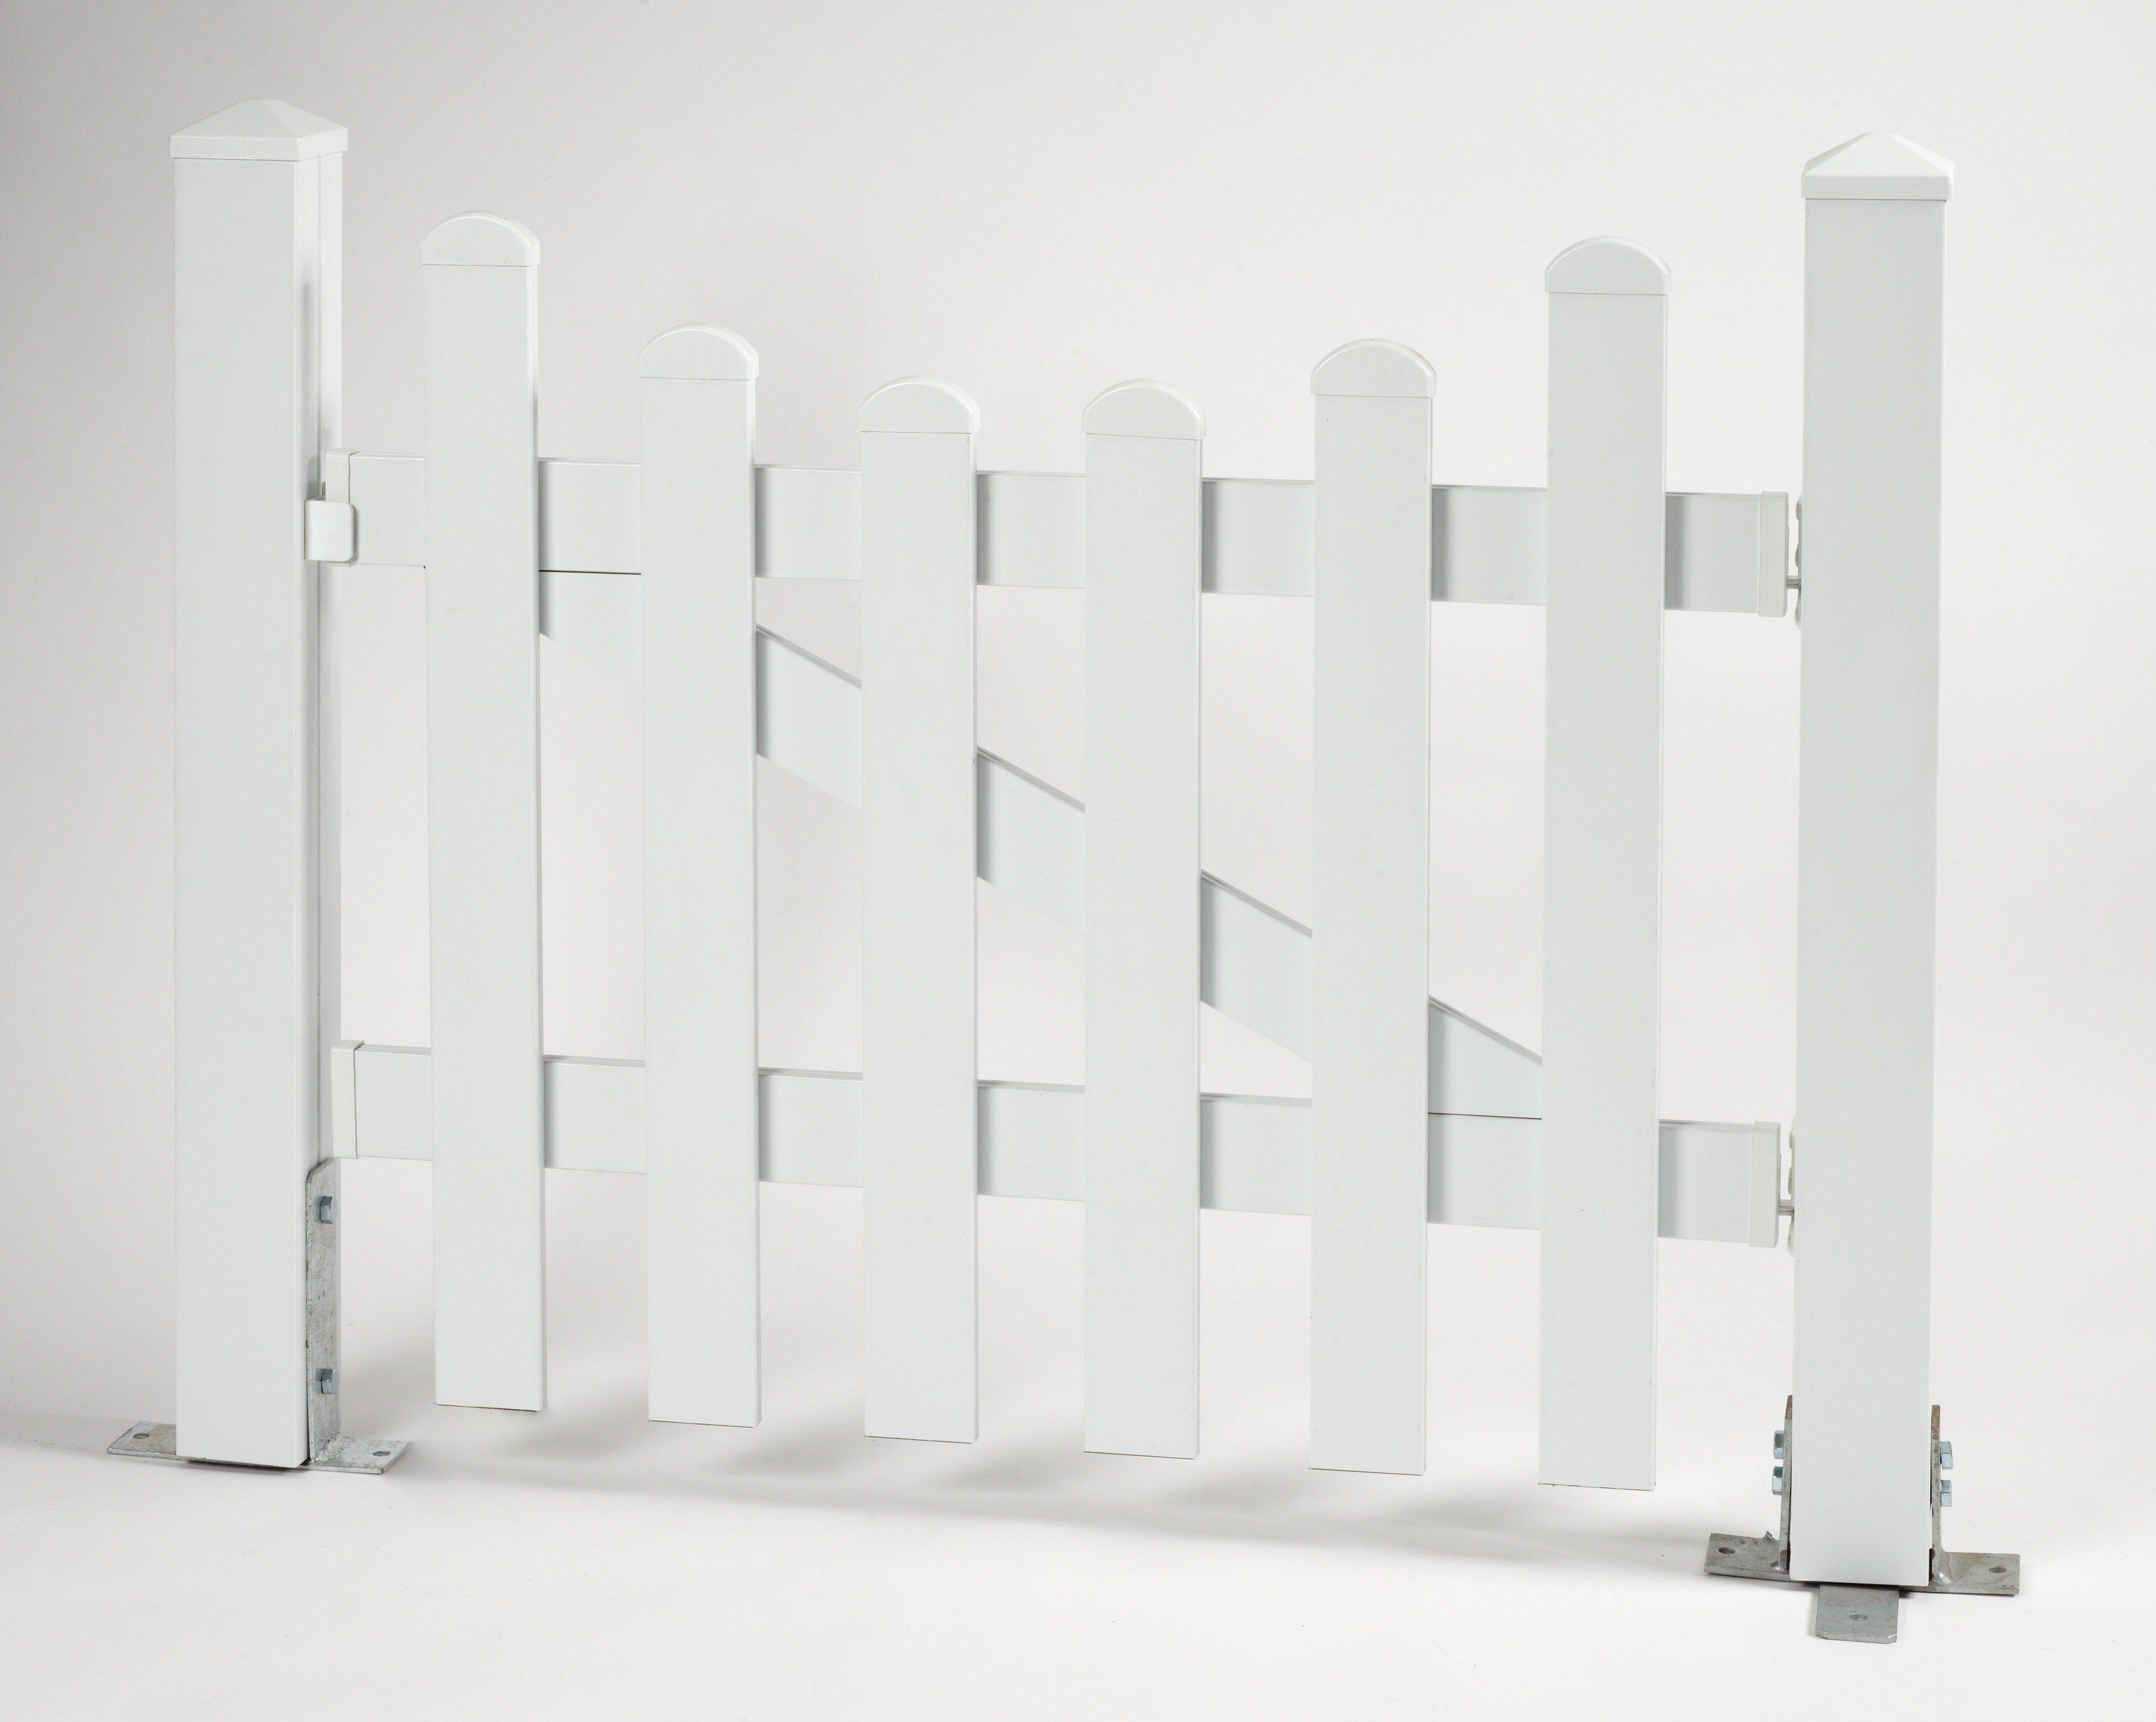 KM Meeth Zaun Gmbh Zaun-Einzeltür mit Unterbogen »114 x 80 cm weiß« | Garten > Zäune und Sichtschutz | KM Zaun